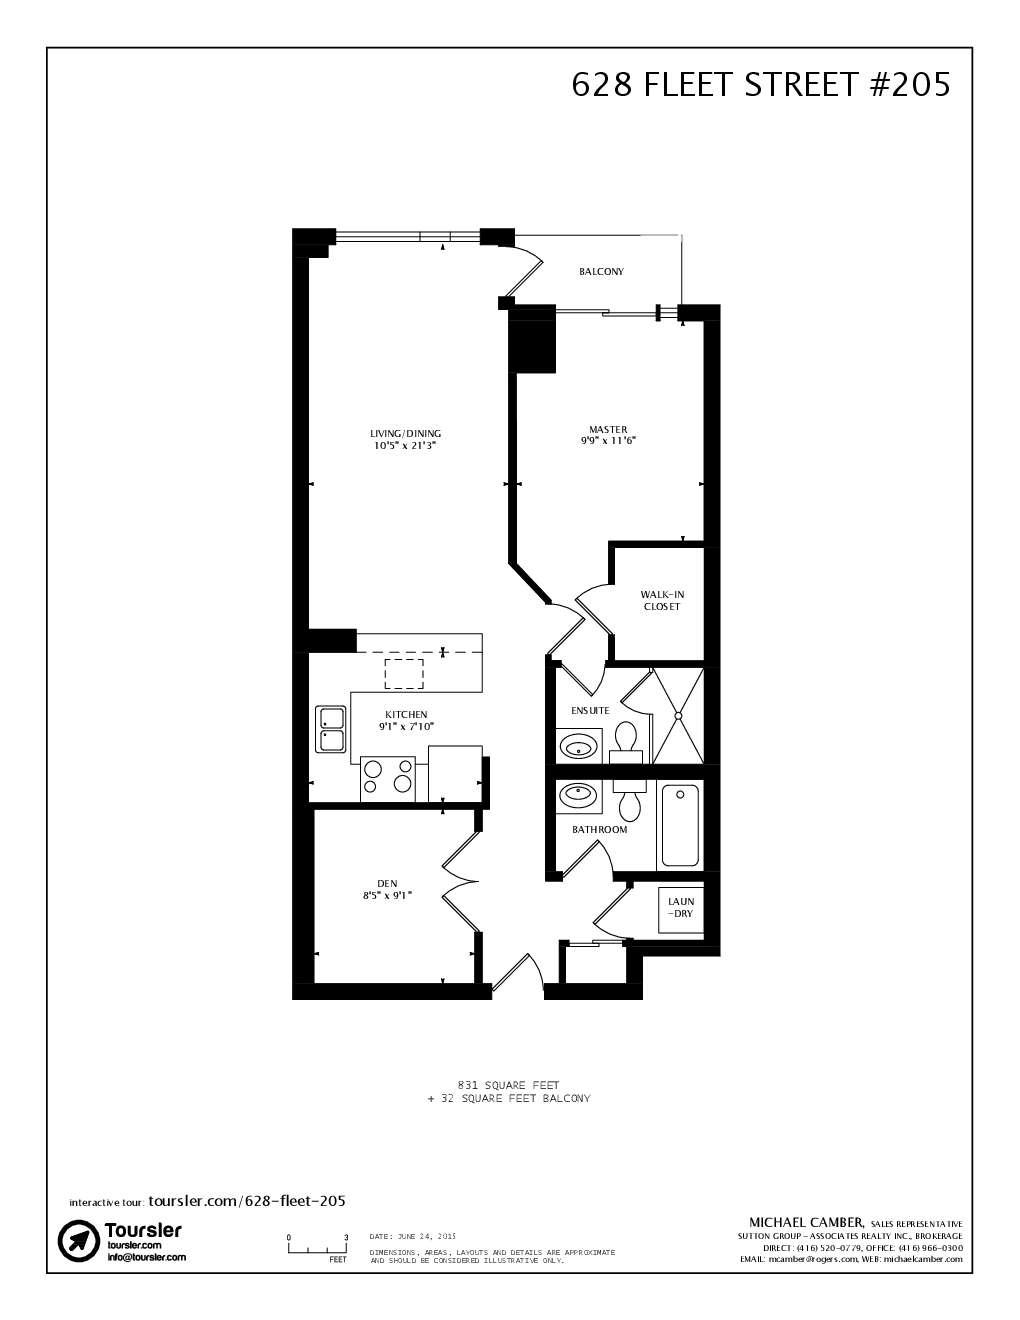 628 fleet street floor plans